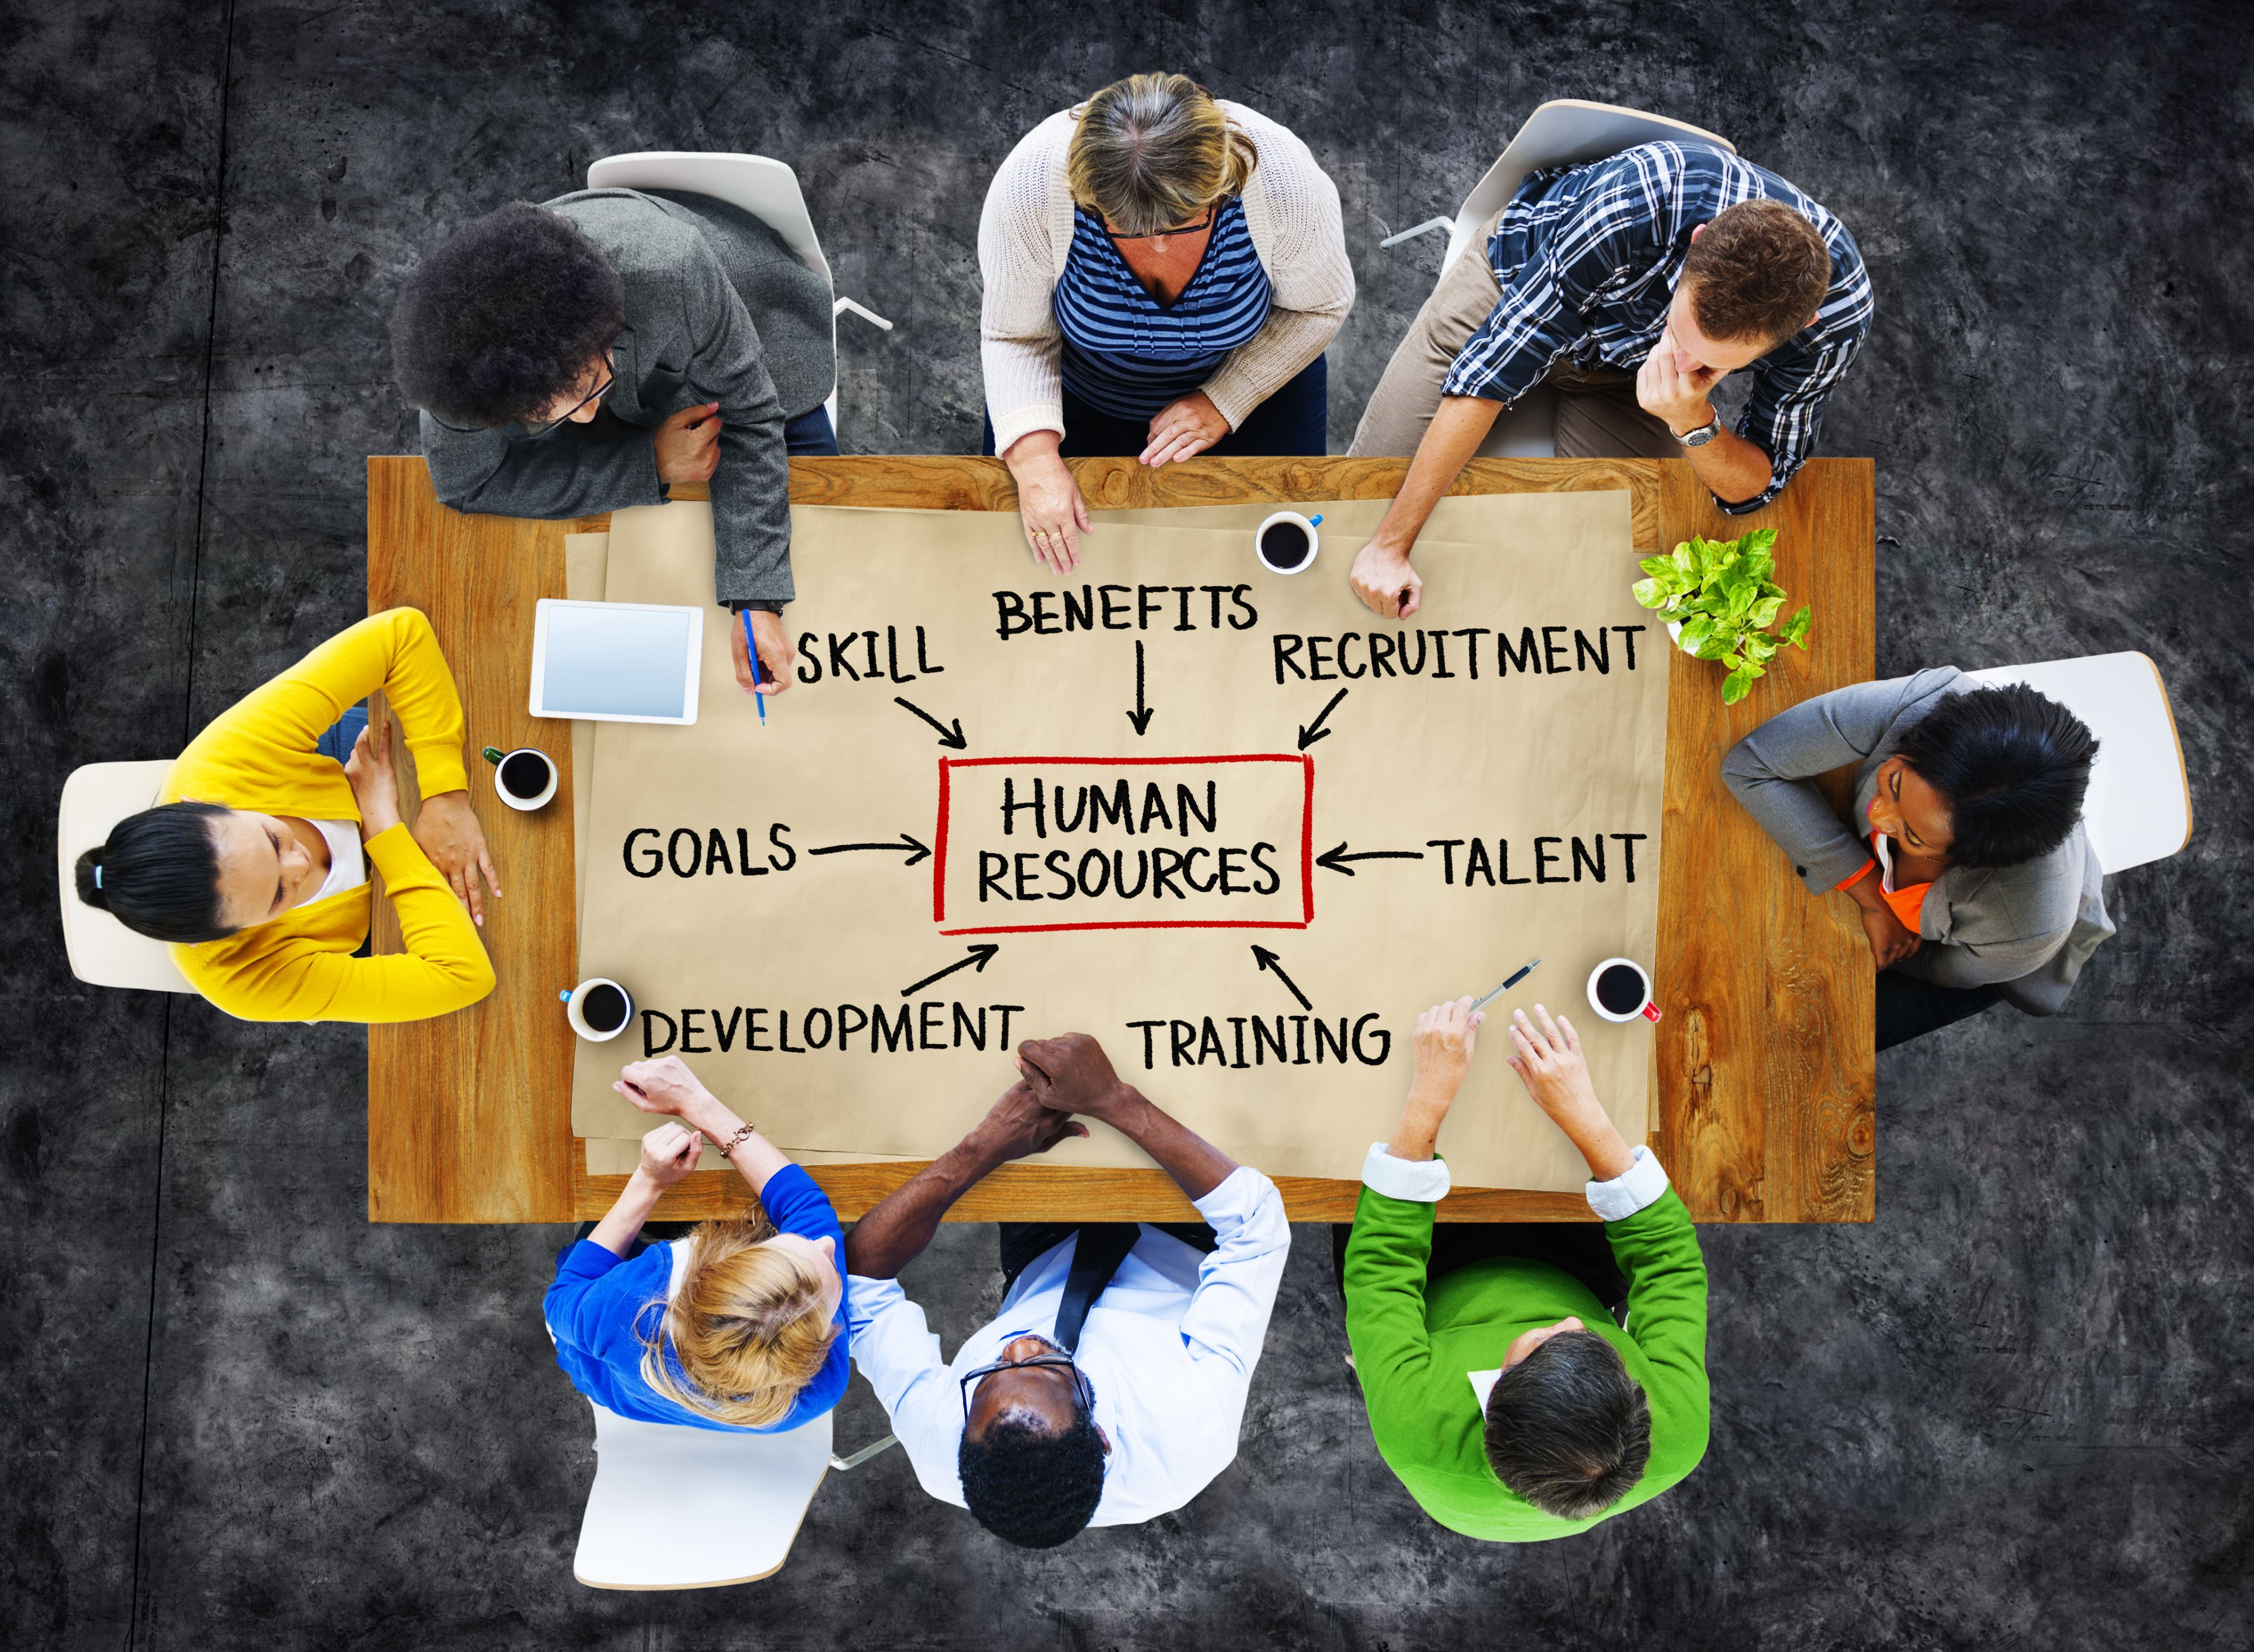 HR korzysta z narzędzi online od lat i w wielu firmach okazał się lepiej przygotowany do zmian wywołanych przez COVID-19 niż inne obszary. (Fot. Shutterstock)